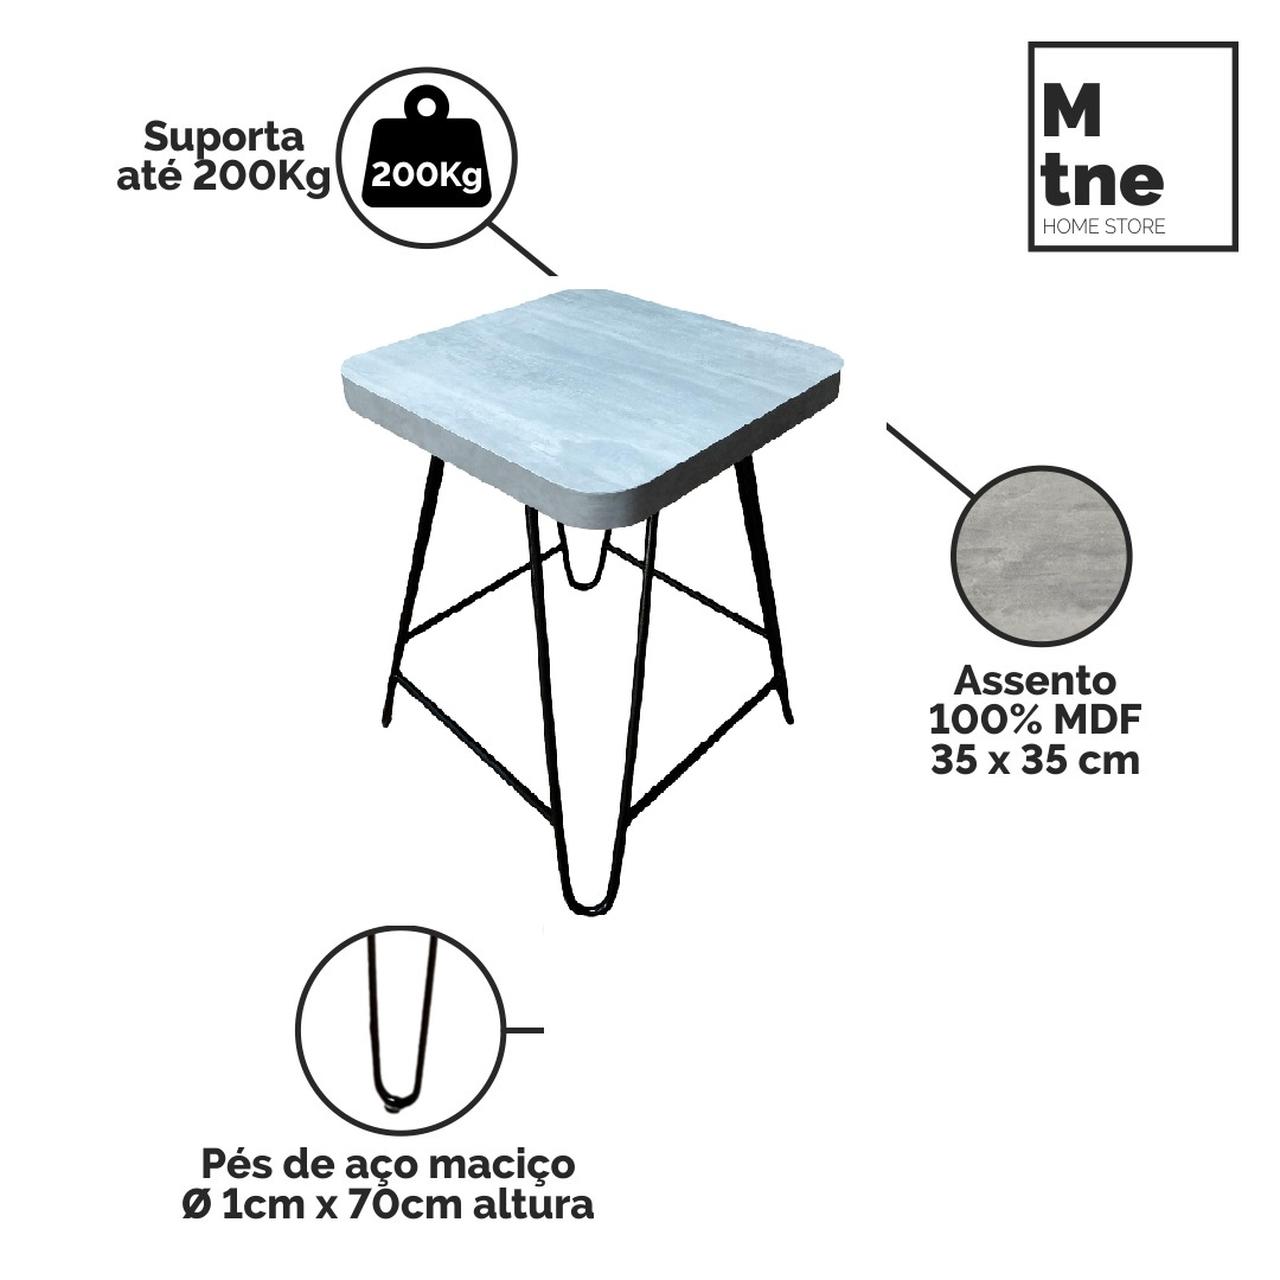 Mesa de Jantar com 2 Banquinhos Santorini com Squared Legs e Tampo 100% MDF  - Mtne Store